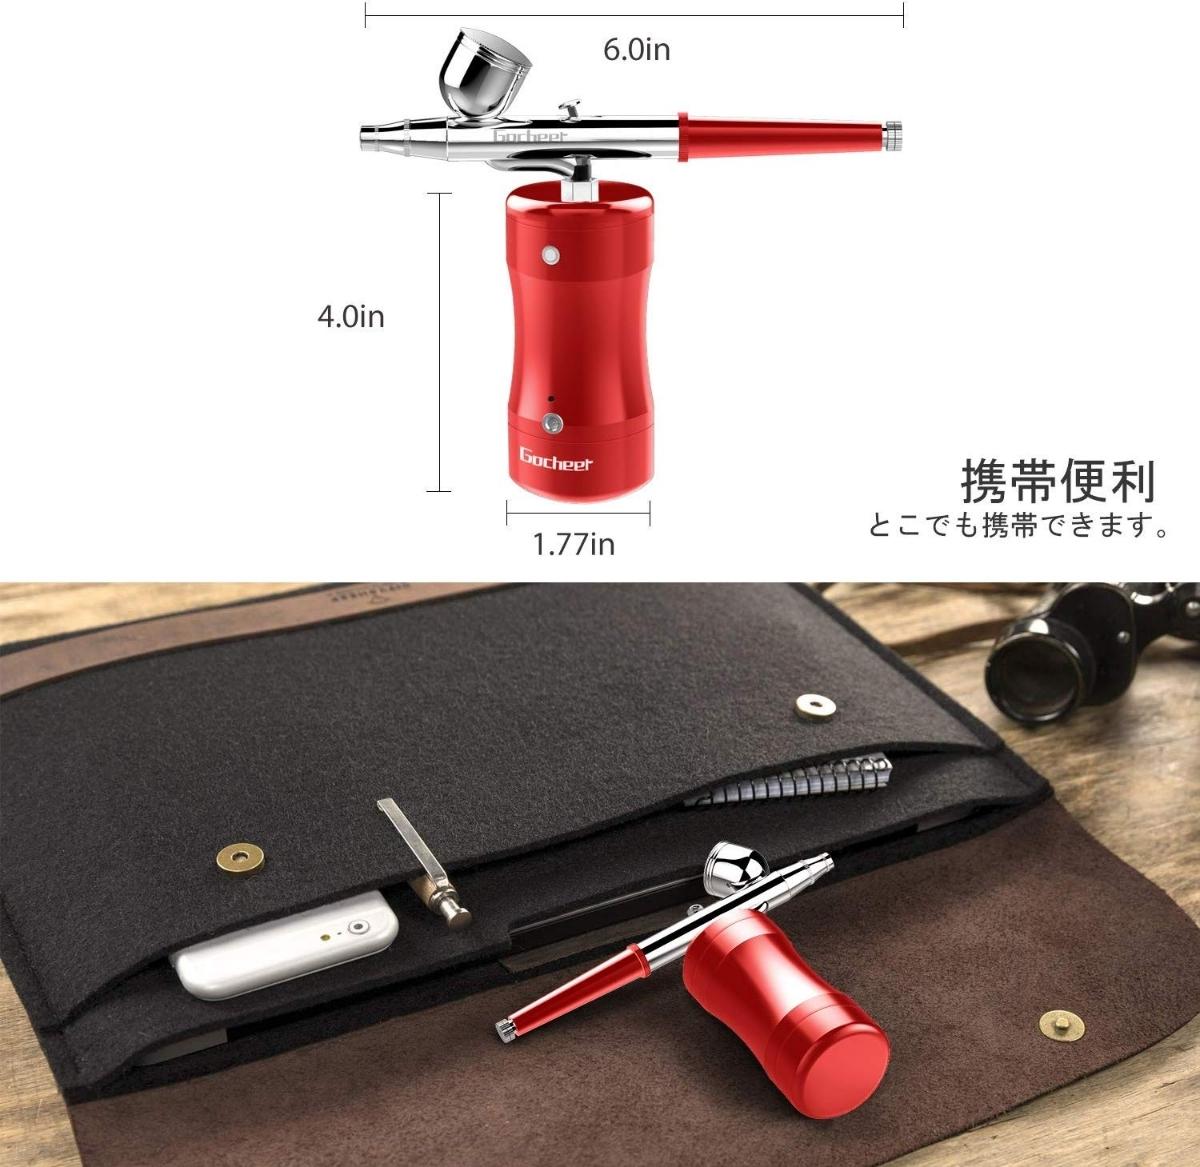 新品未使用 エアブラシ コンプレッサー USB充電ライン オイルレス シングルアクションエアブラシ付きPS-1/8 日本語取扱説明書_画像2